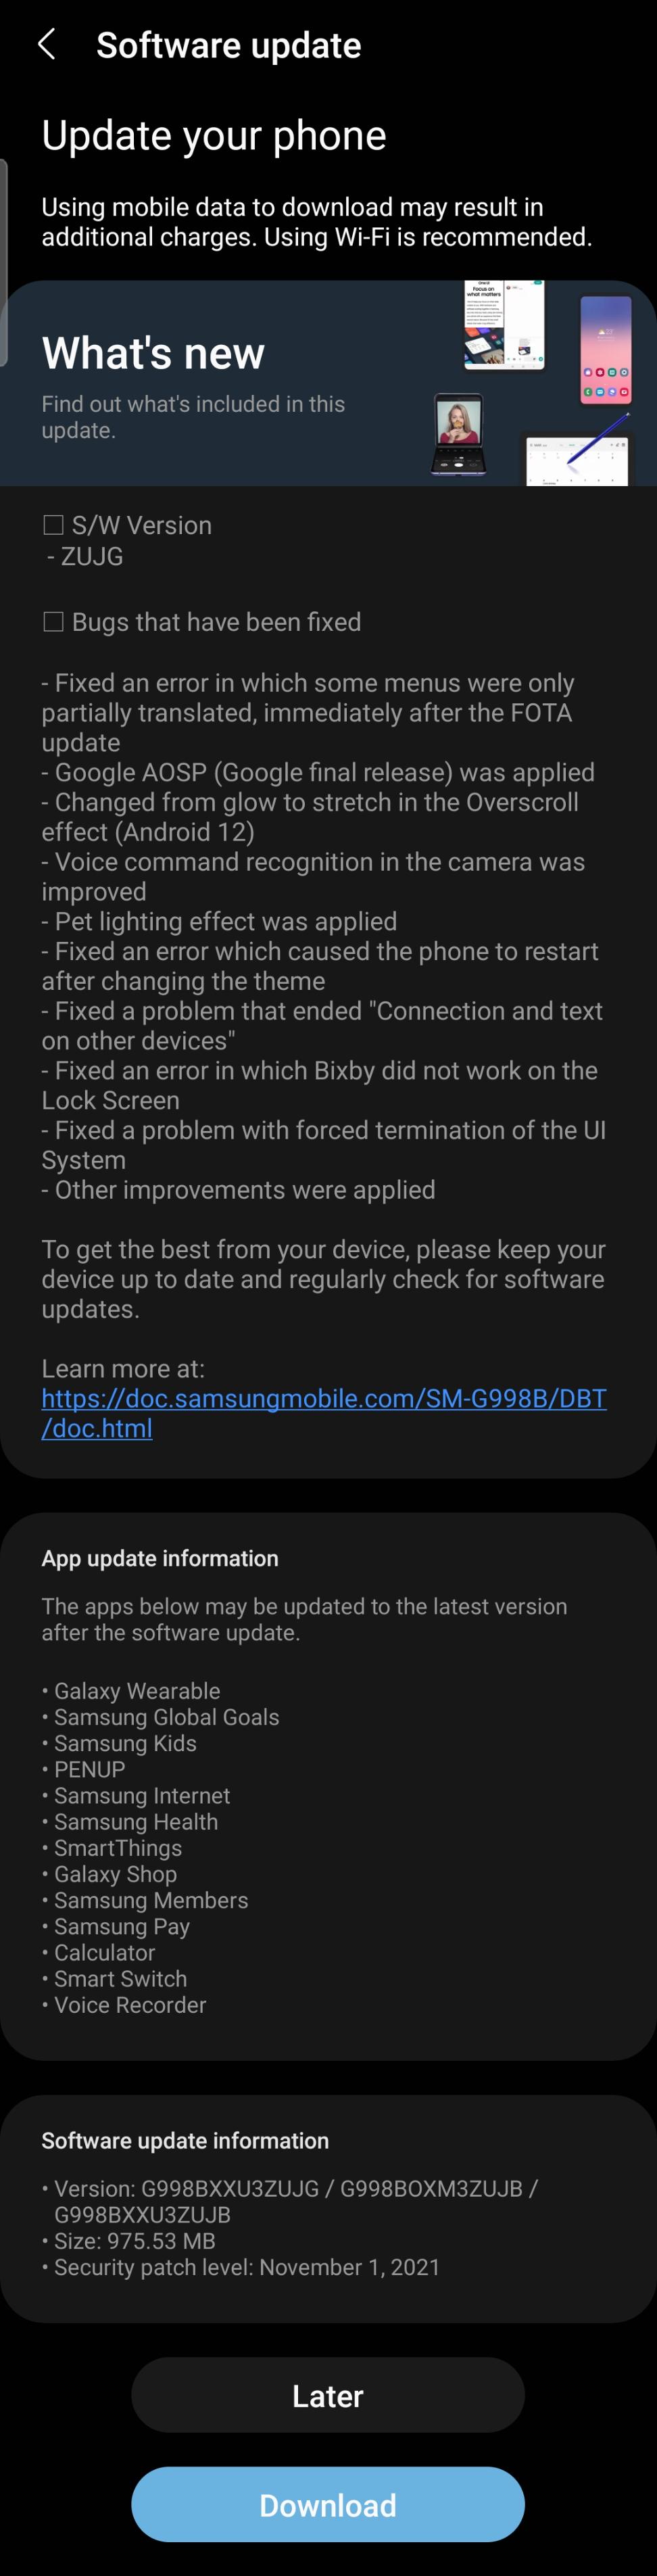 Screenshot_20211022-135142_Software update.jpg